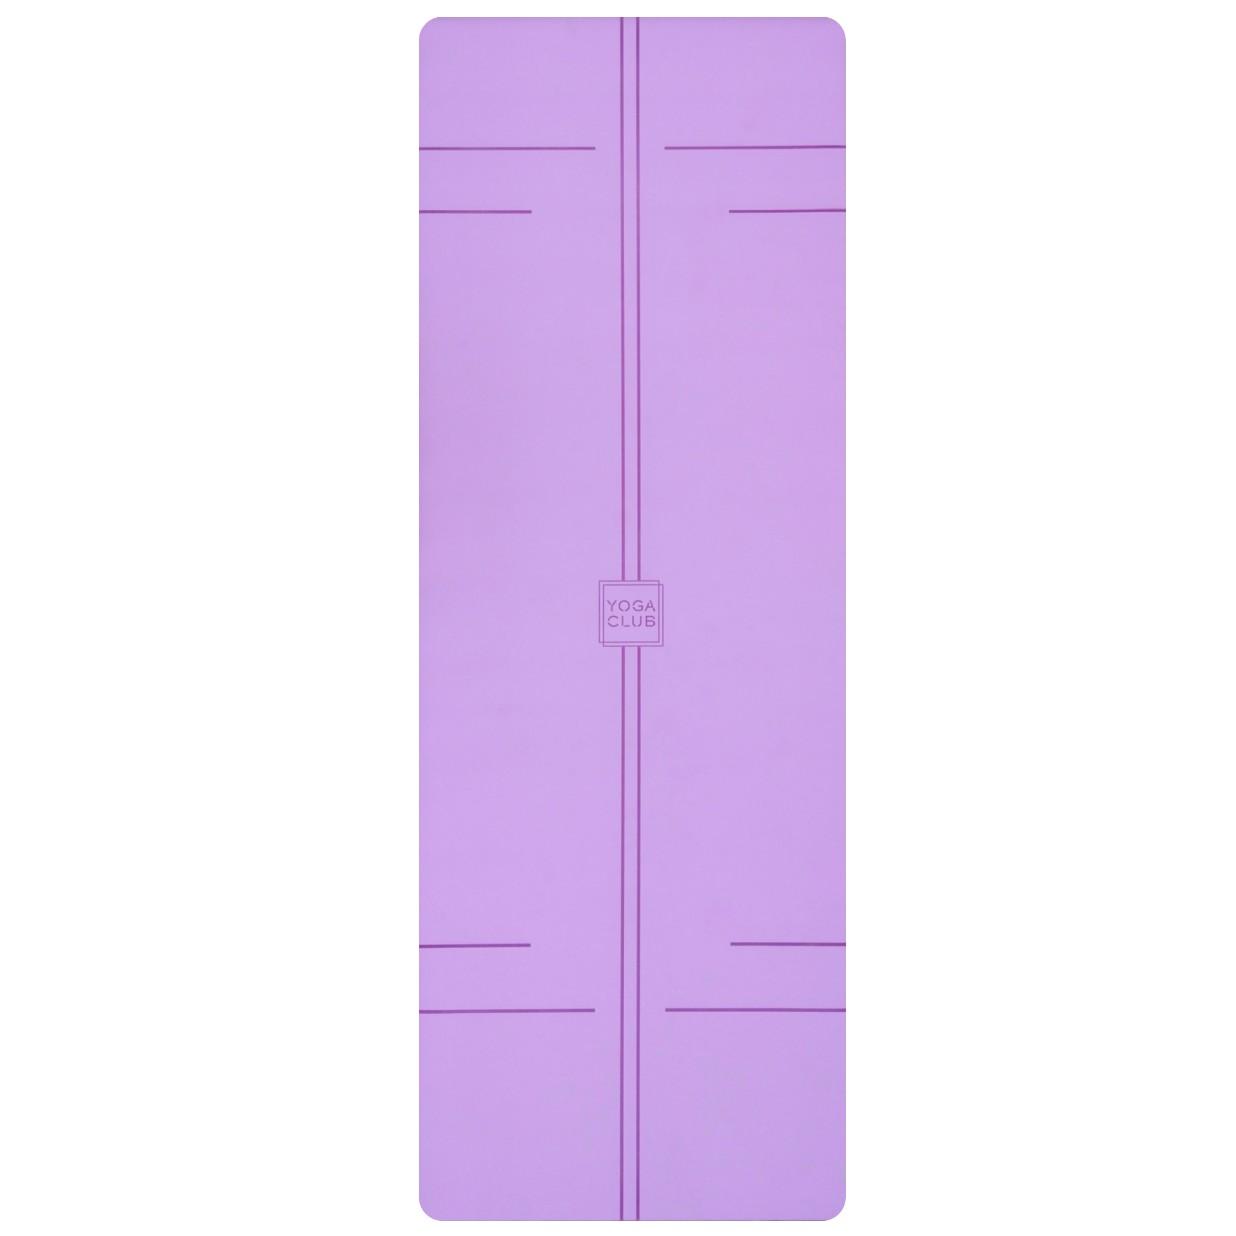 Коврик для йоги Pro YC из полиуретана и каучука (2,3 кг, 183 см, 4.5 мм, фиолетовый, 68см)